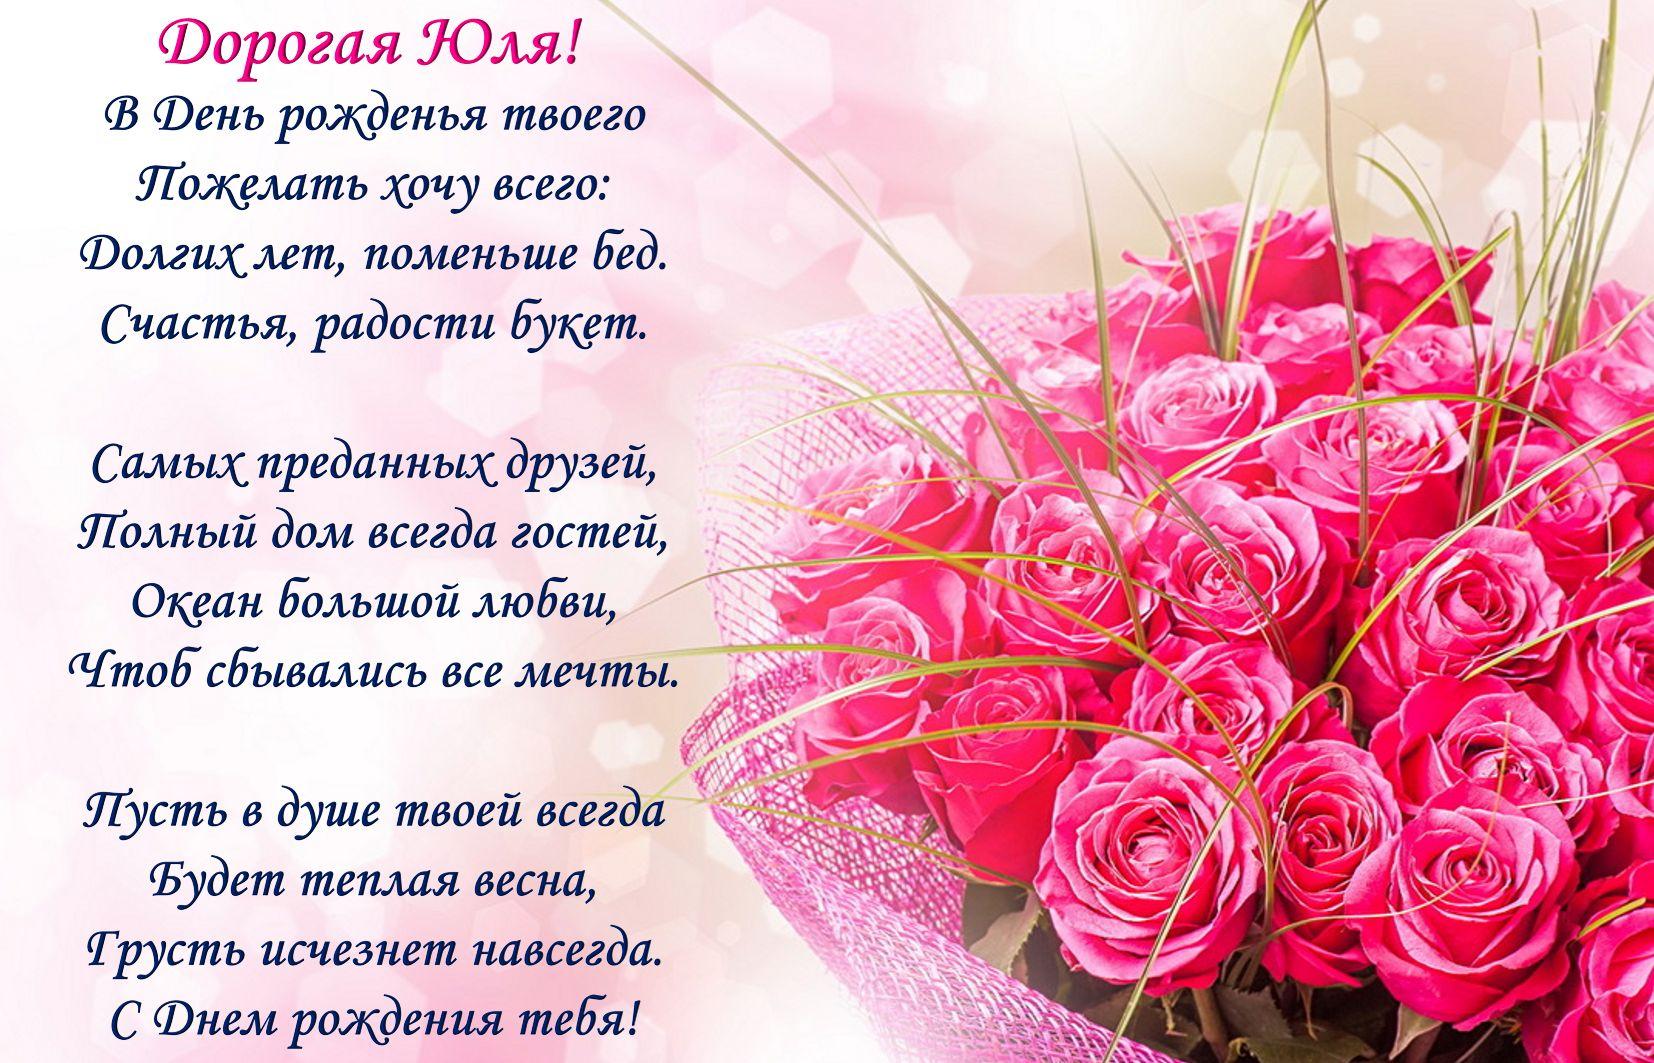 С днем рождения марина - Поздравительные Открытки с Днем 91